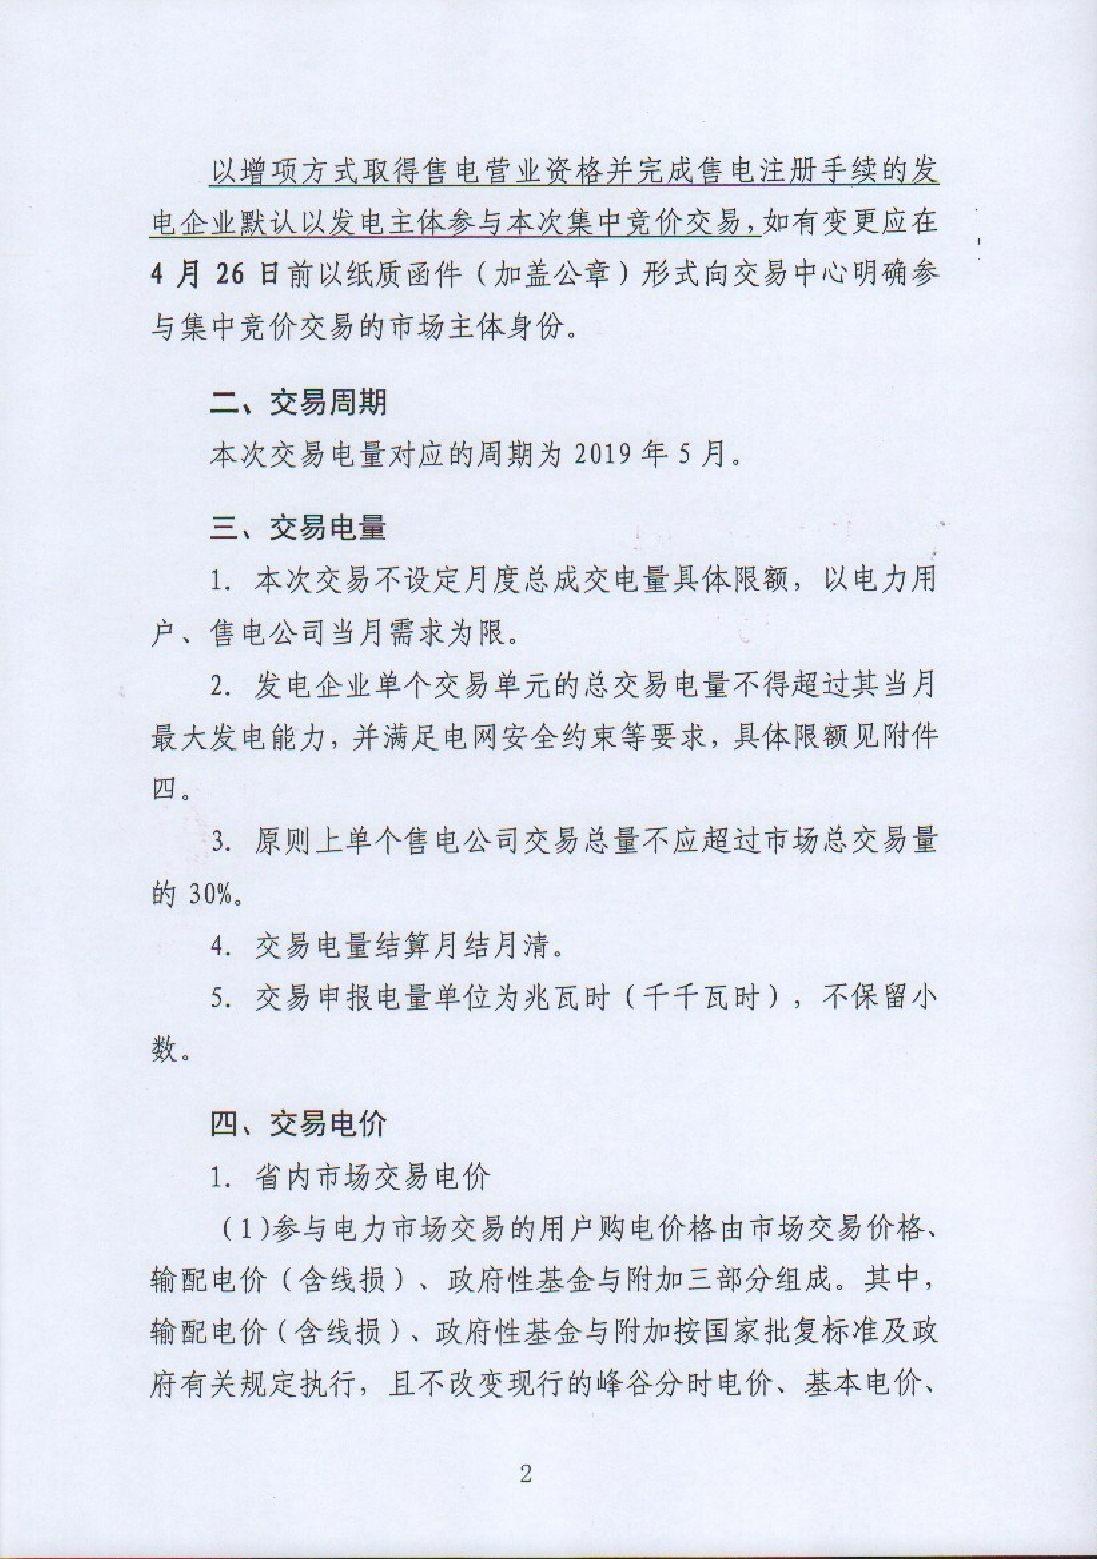 2019年第6號交易公告(5月月度交易).pdf_page_02_compressed.jpg